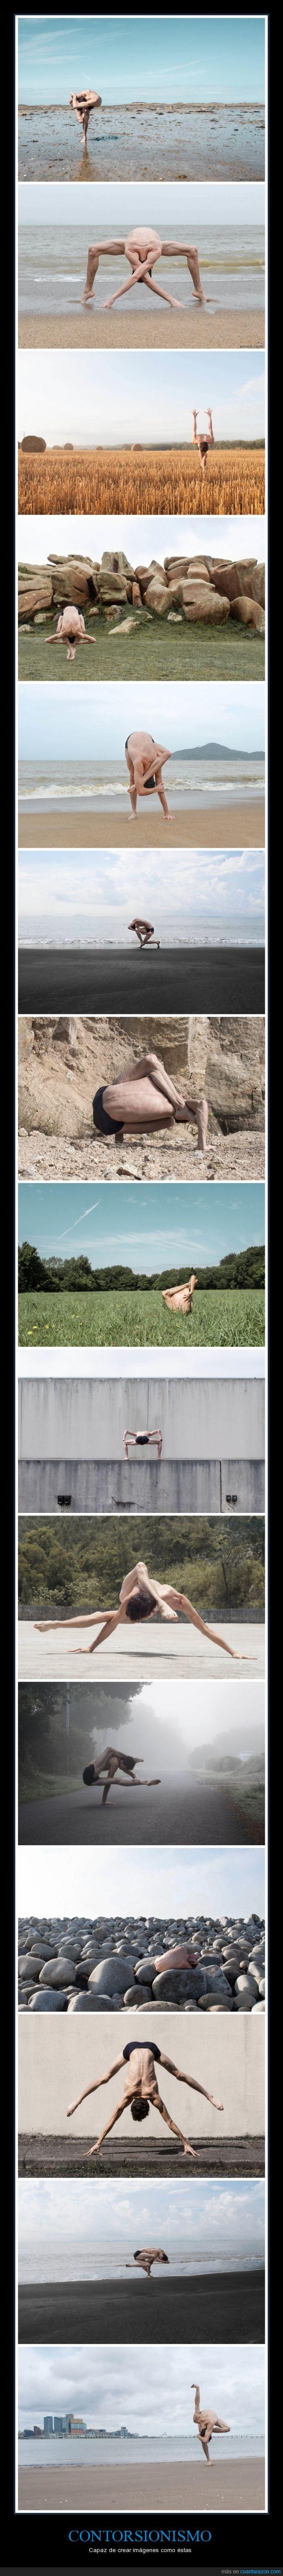 arte,Arthur Cadre,articulaciones,artista,contorsionismo,contorsionista,cuerpo,fotografo